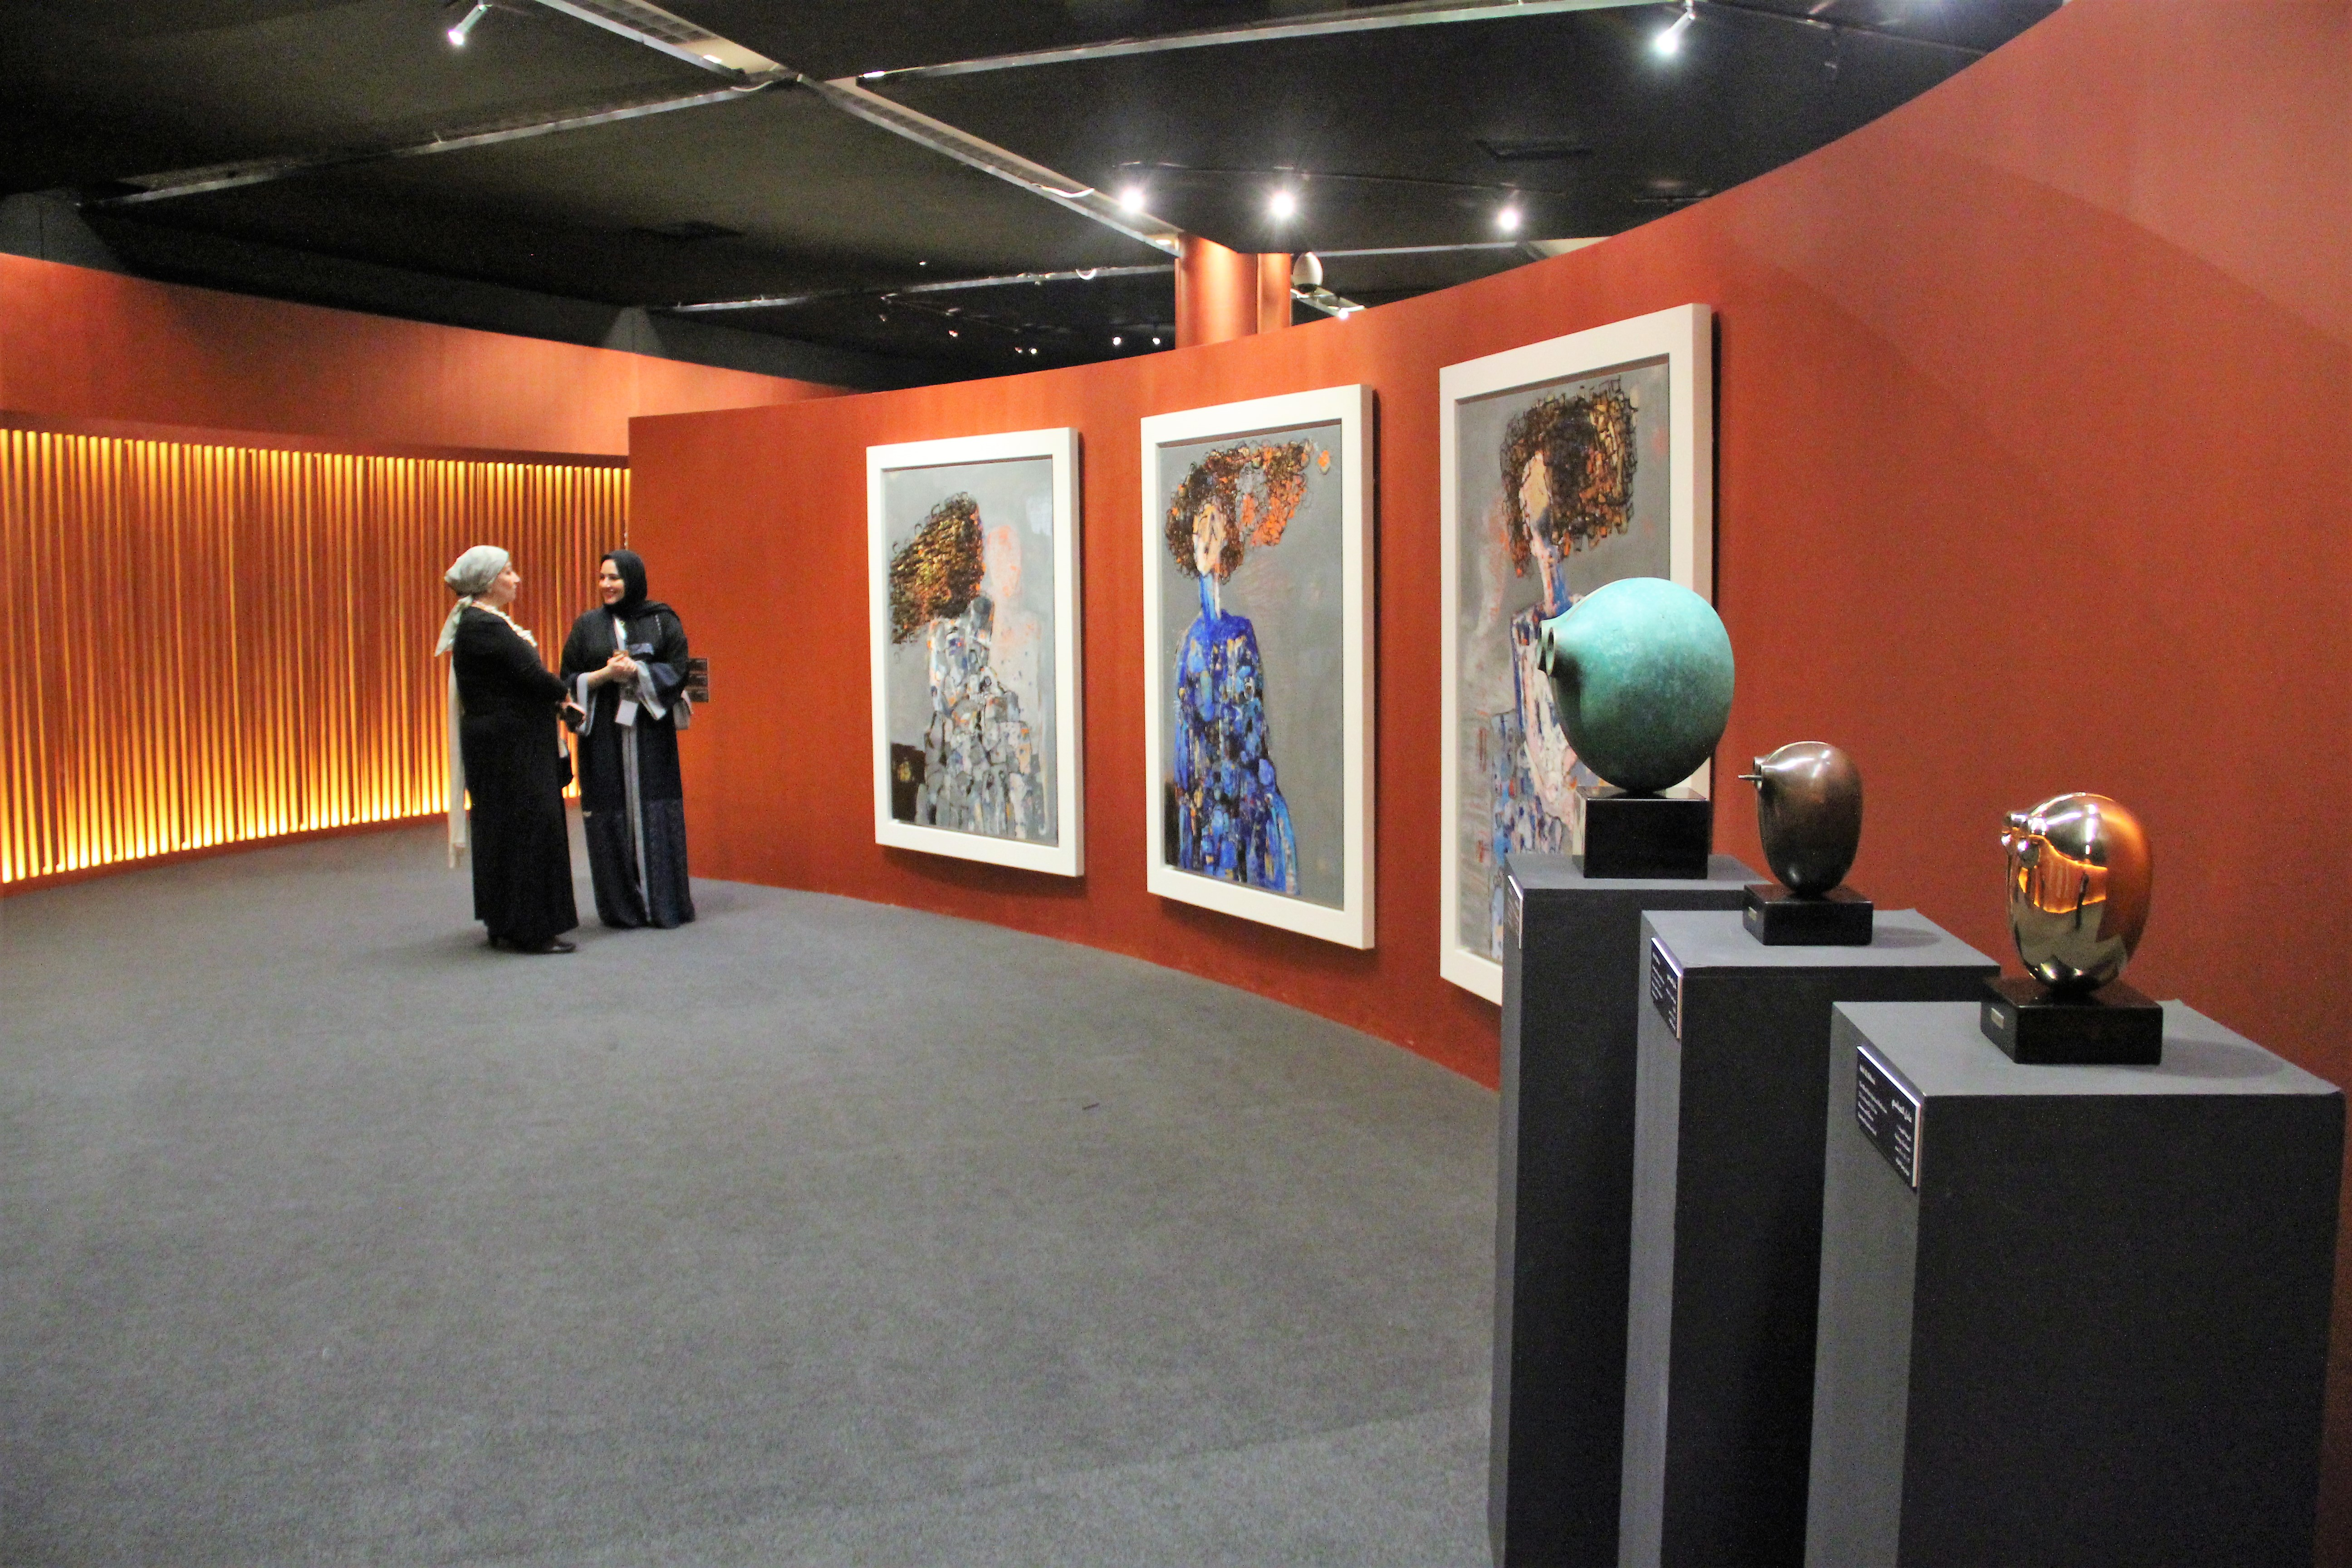 Artworks By Adel Al Abbasi Bahrain National Museum Abbasi